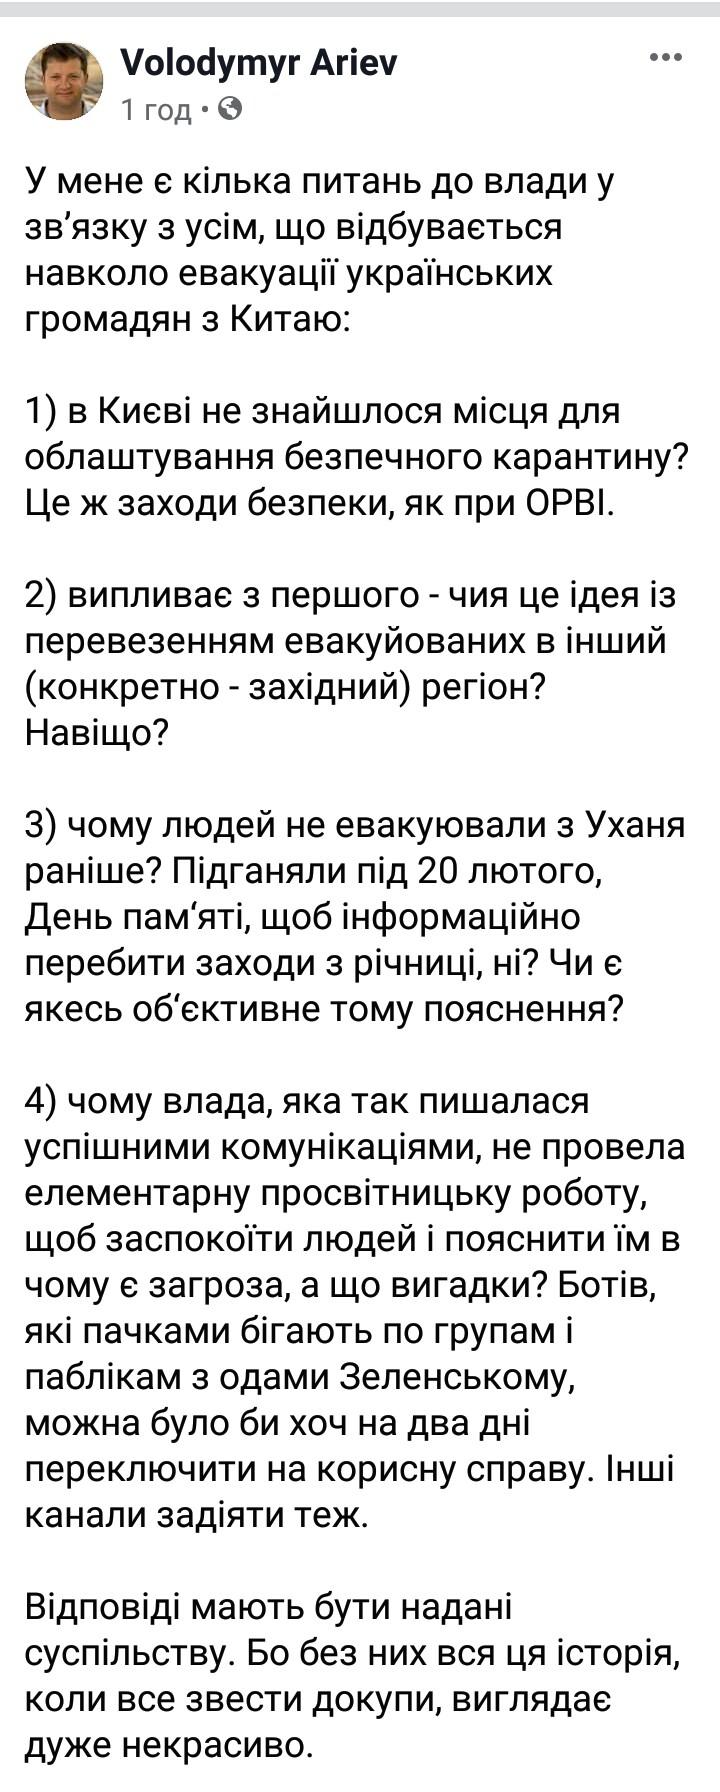 Самолет с эвакуированными из Ухани летает кругами в воздушном пространстве Украины - Цензор.НЕТ 8310